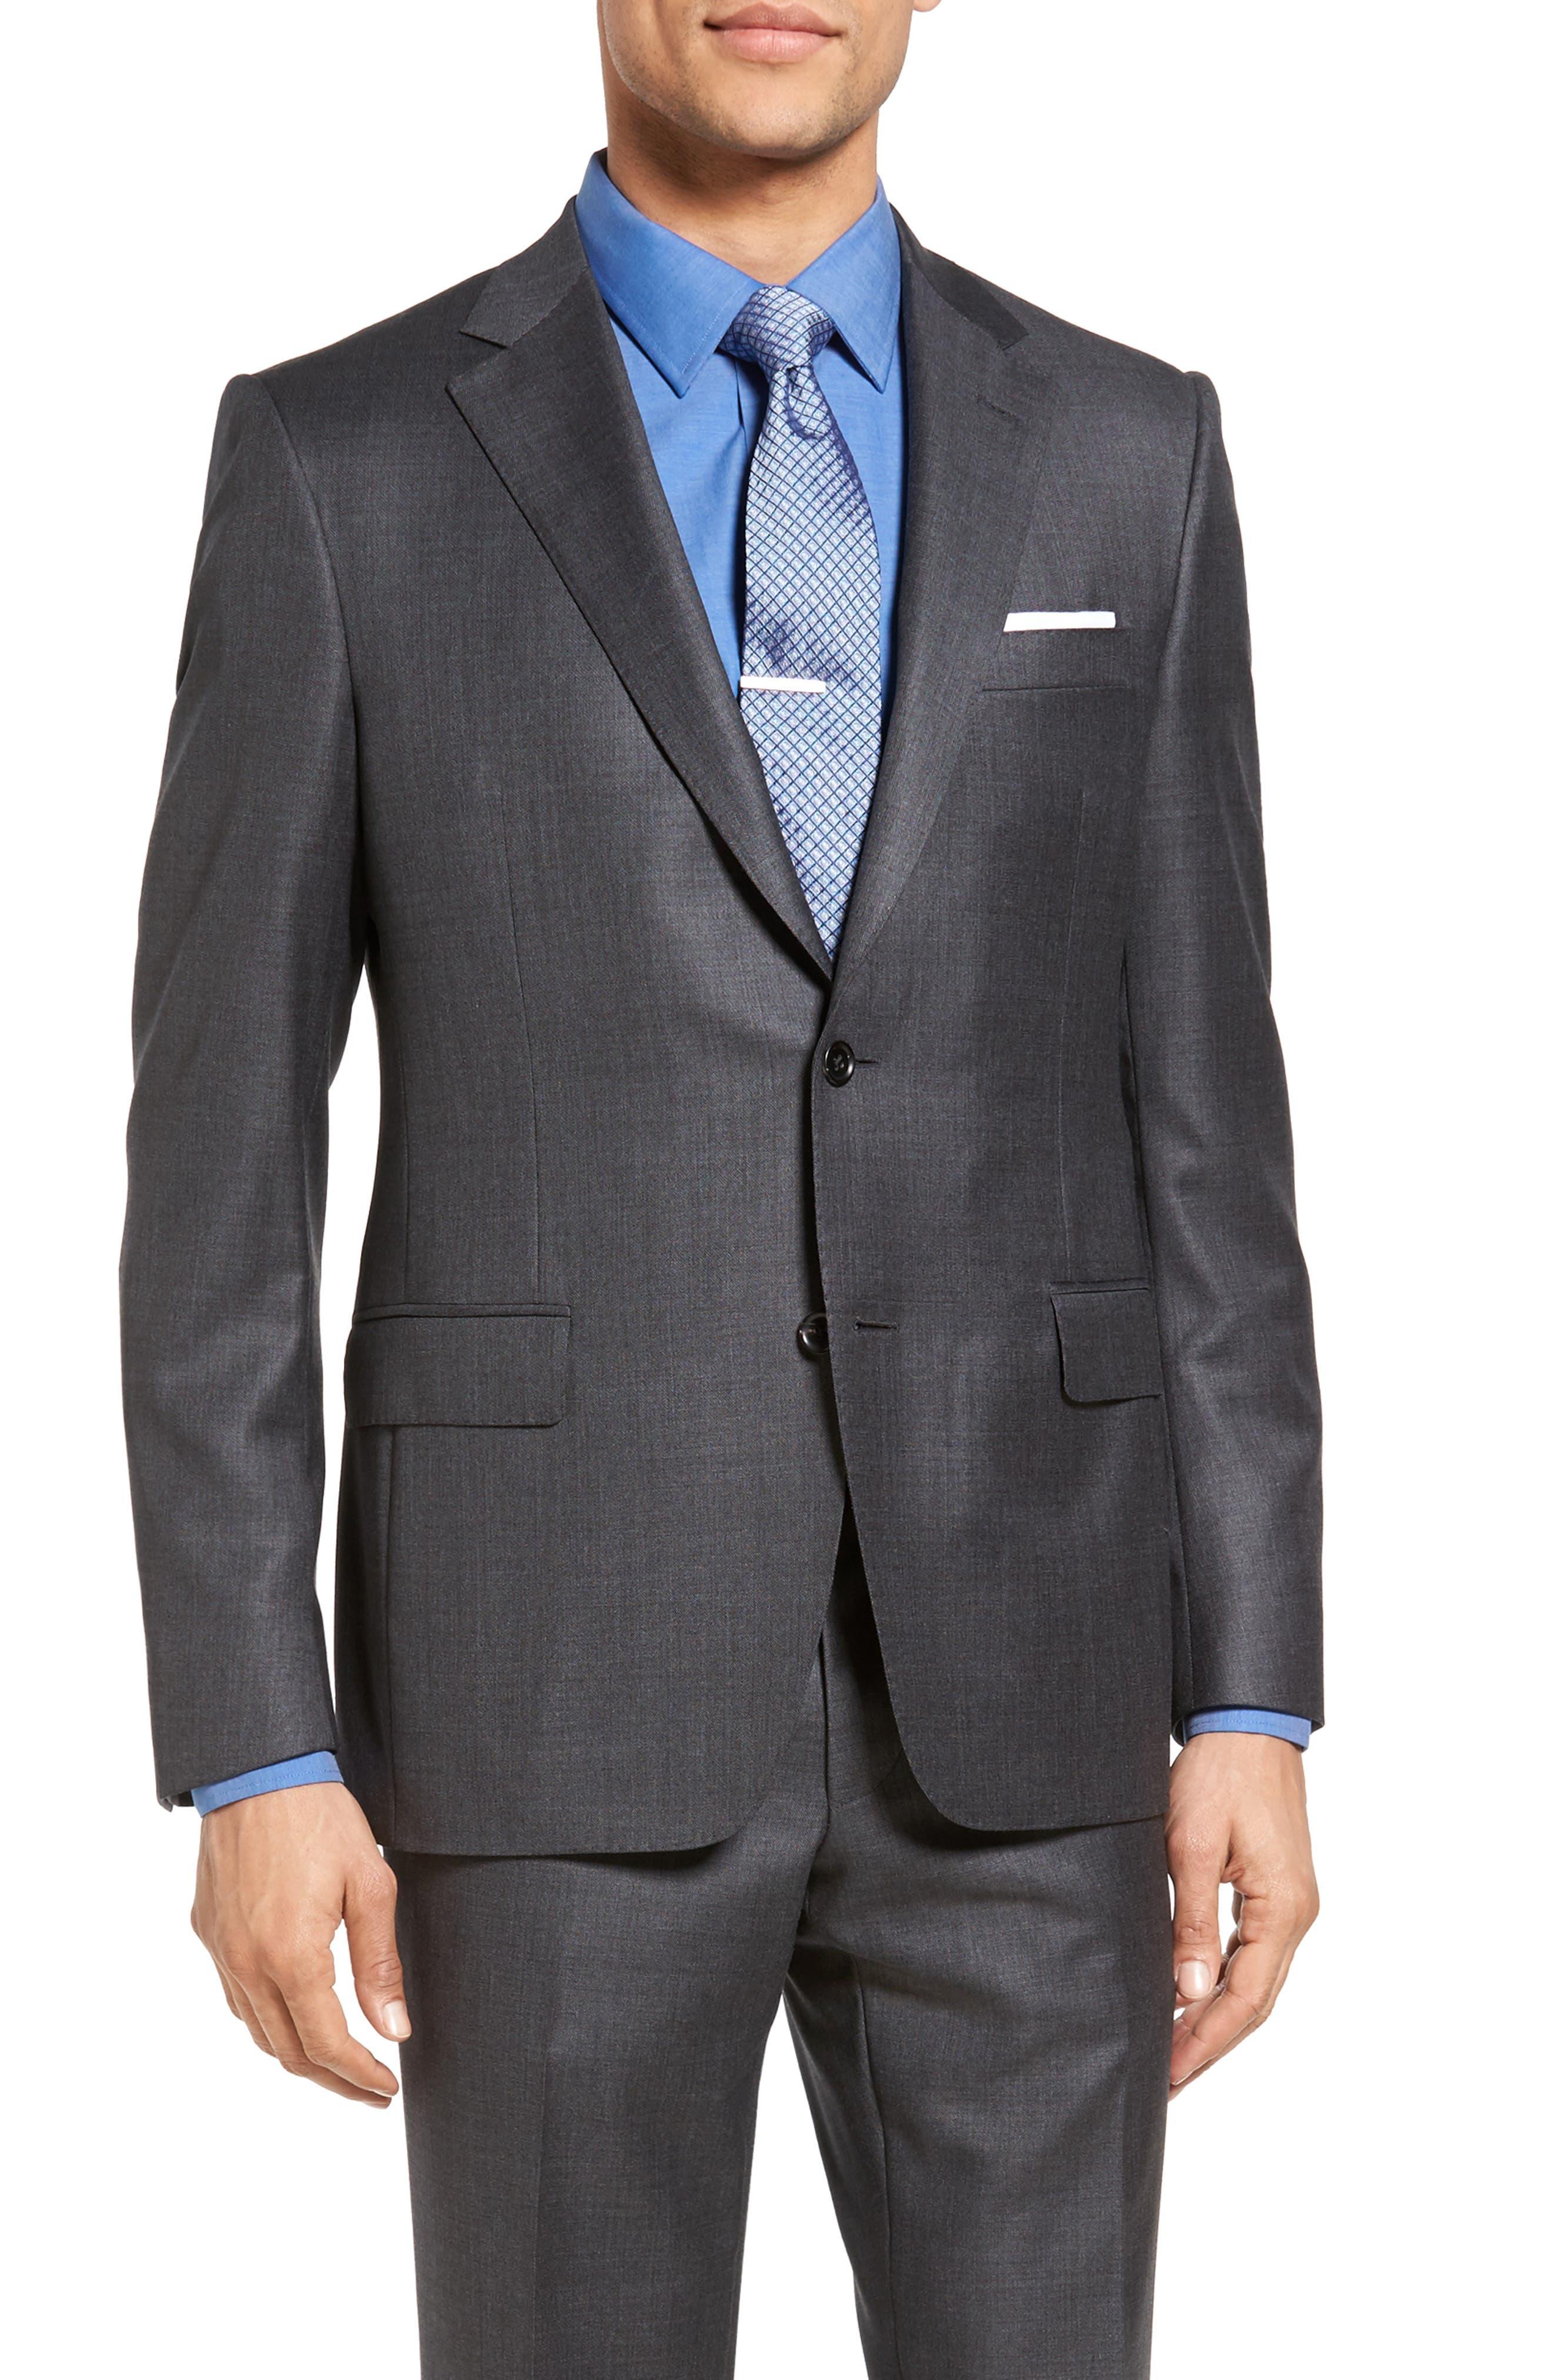 SAMUELSOHN Beckett Classic Fit Sharkskin Wool Suit, Main, color, 020